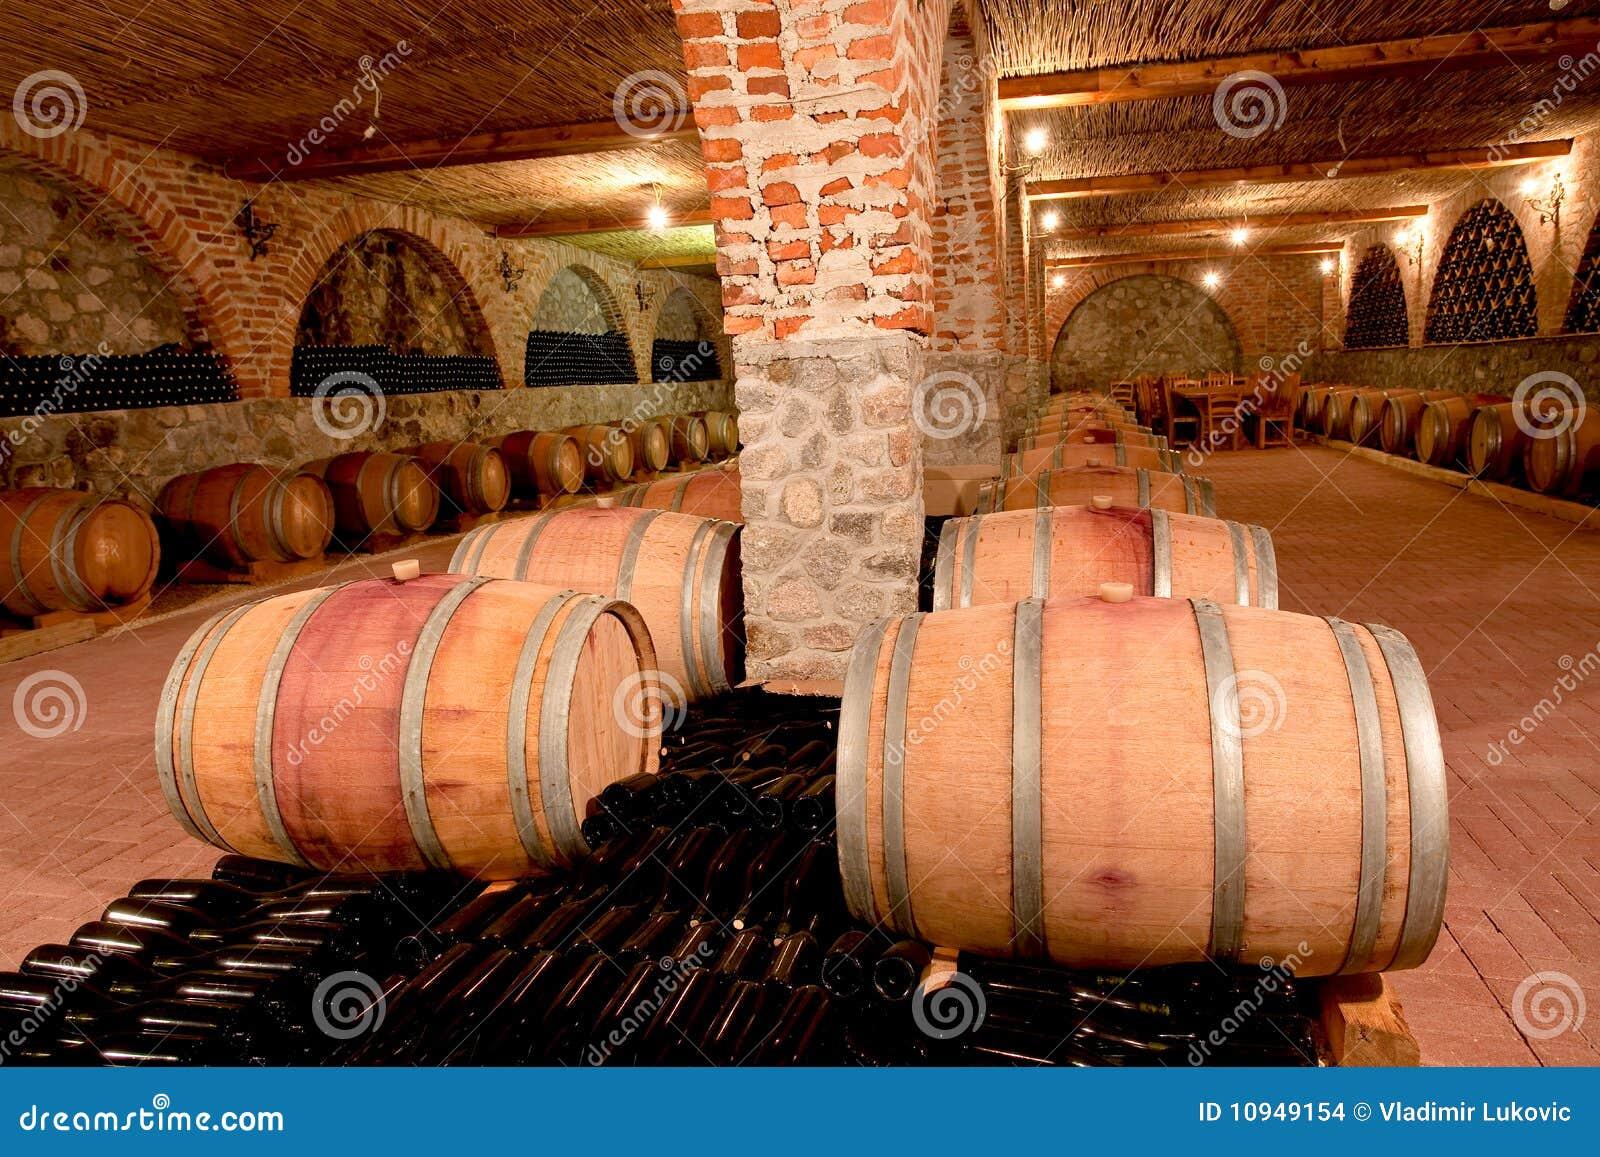 Barriles del gimoteo en un sótano